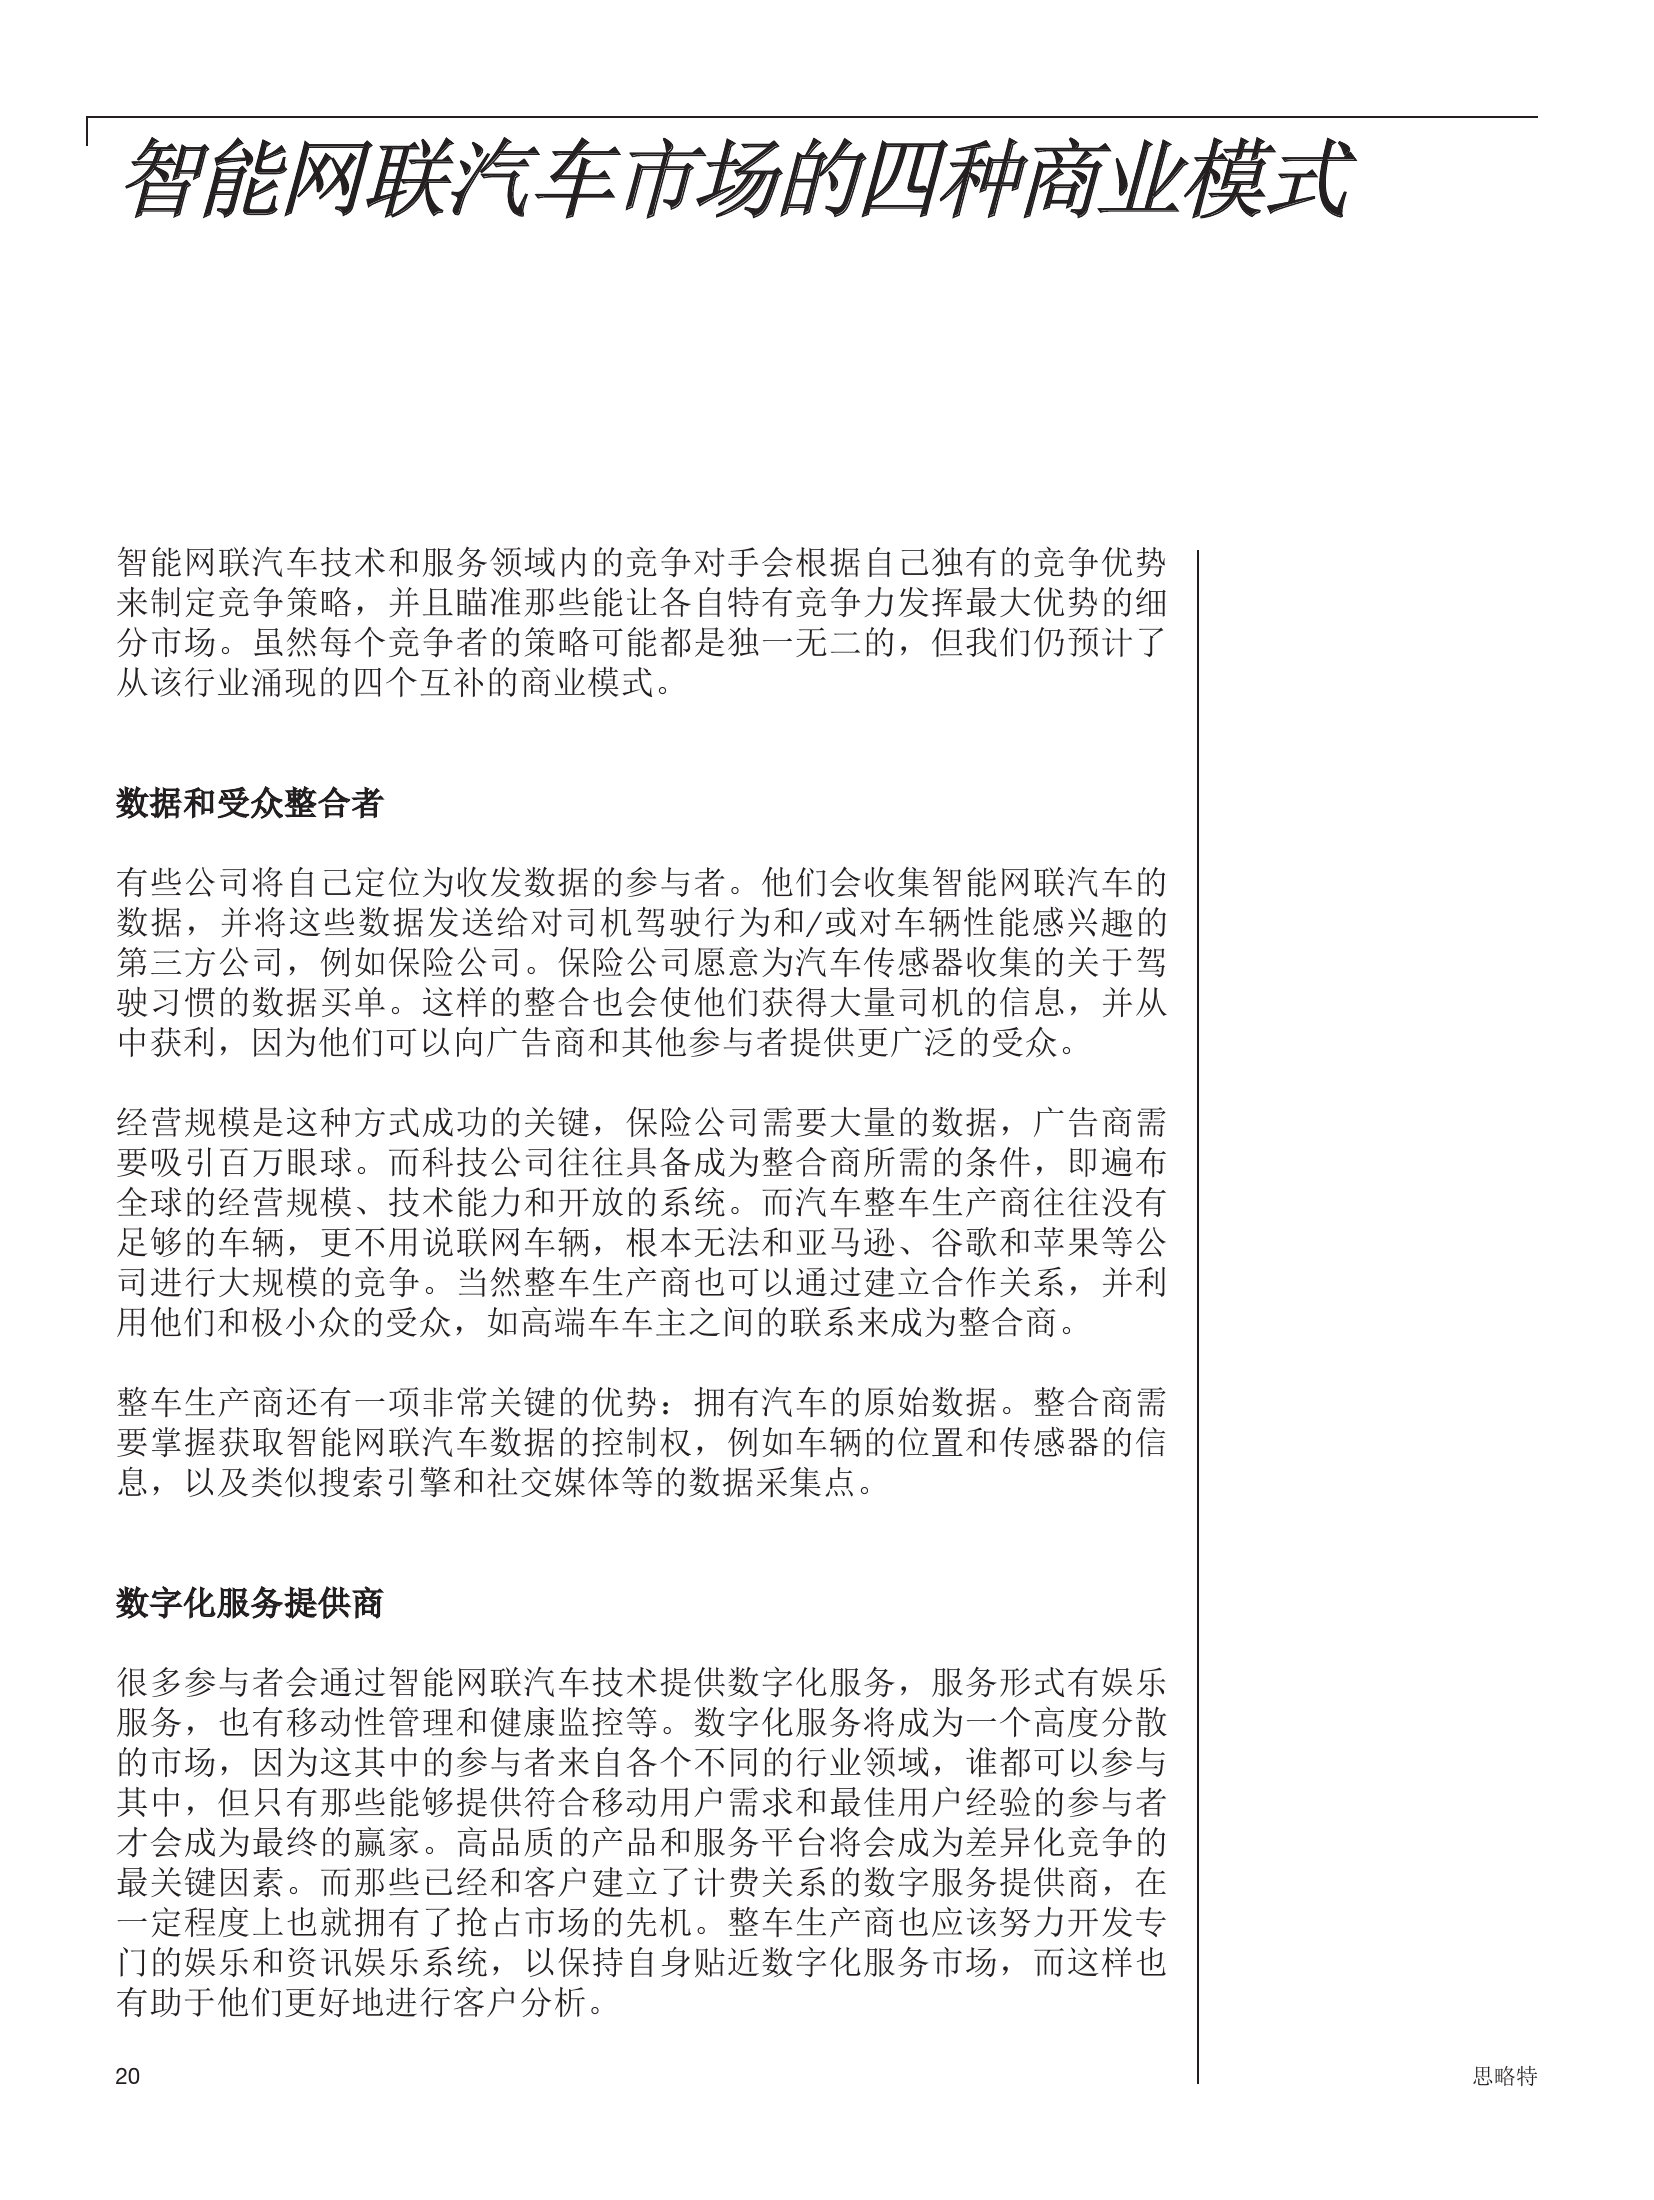 2015智能网联汽车调查_000020